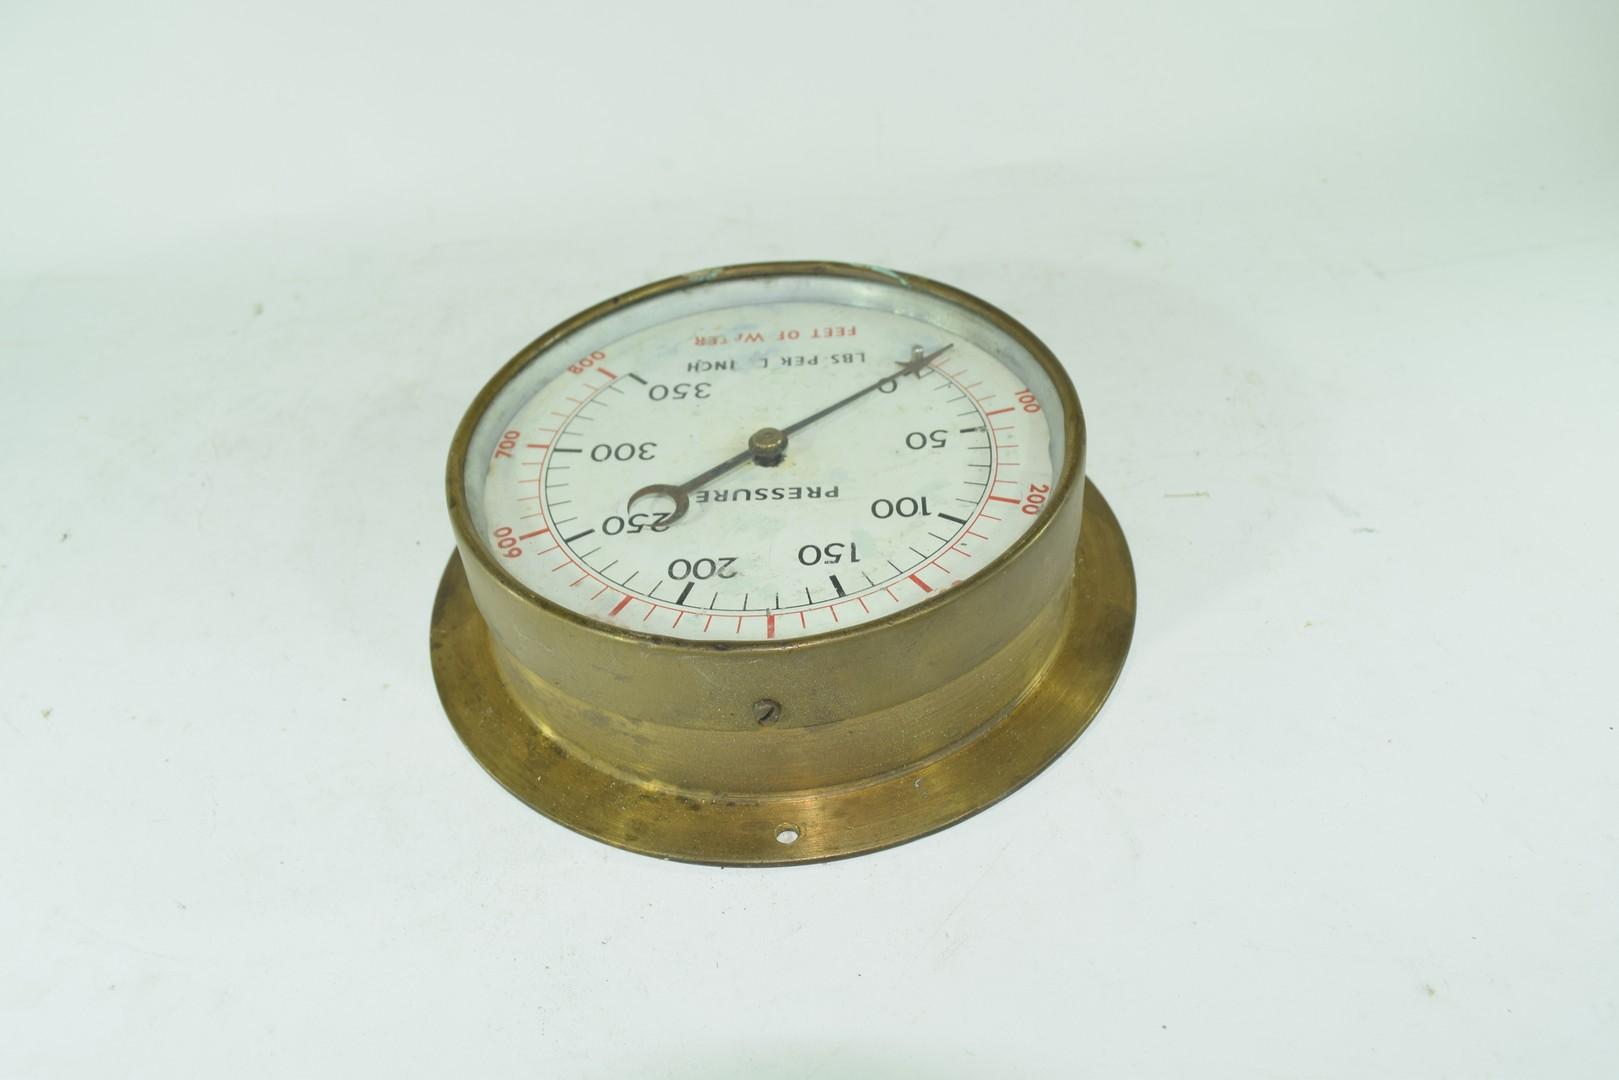 Vintage brass cased pressure gauge - Image 3 of 4